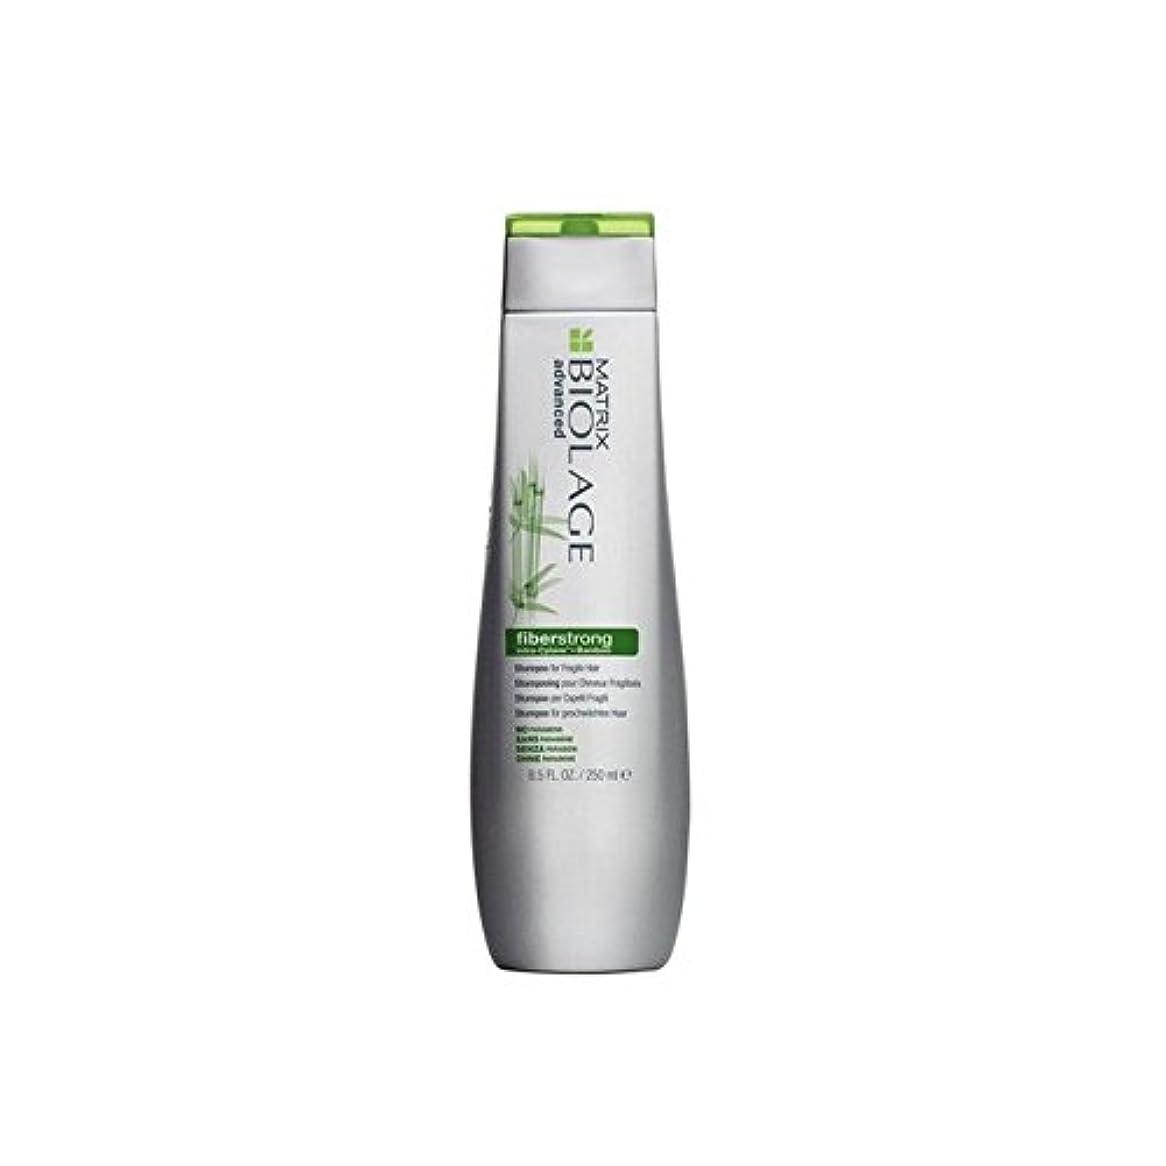 同盟割り当てる下に向けますMatrix Biolage Fiberstrong Shampoo (250ml) (Pack of 6) - マトリックスバイオレイジのシャンプー(250ミリリットル) x6 [並行輸入品]